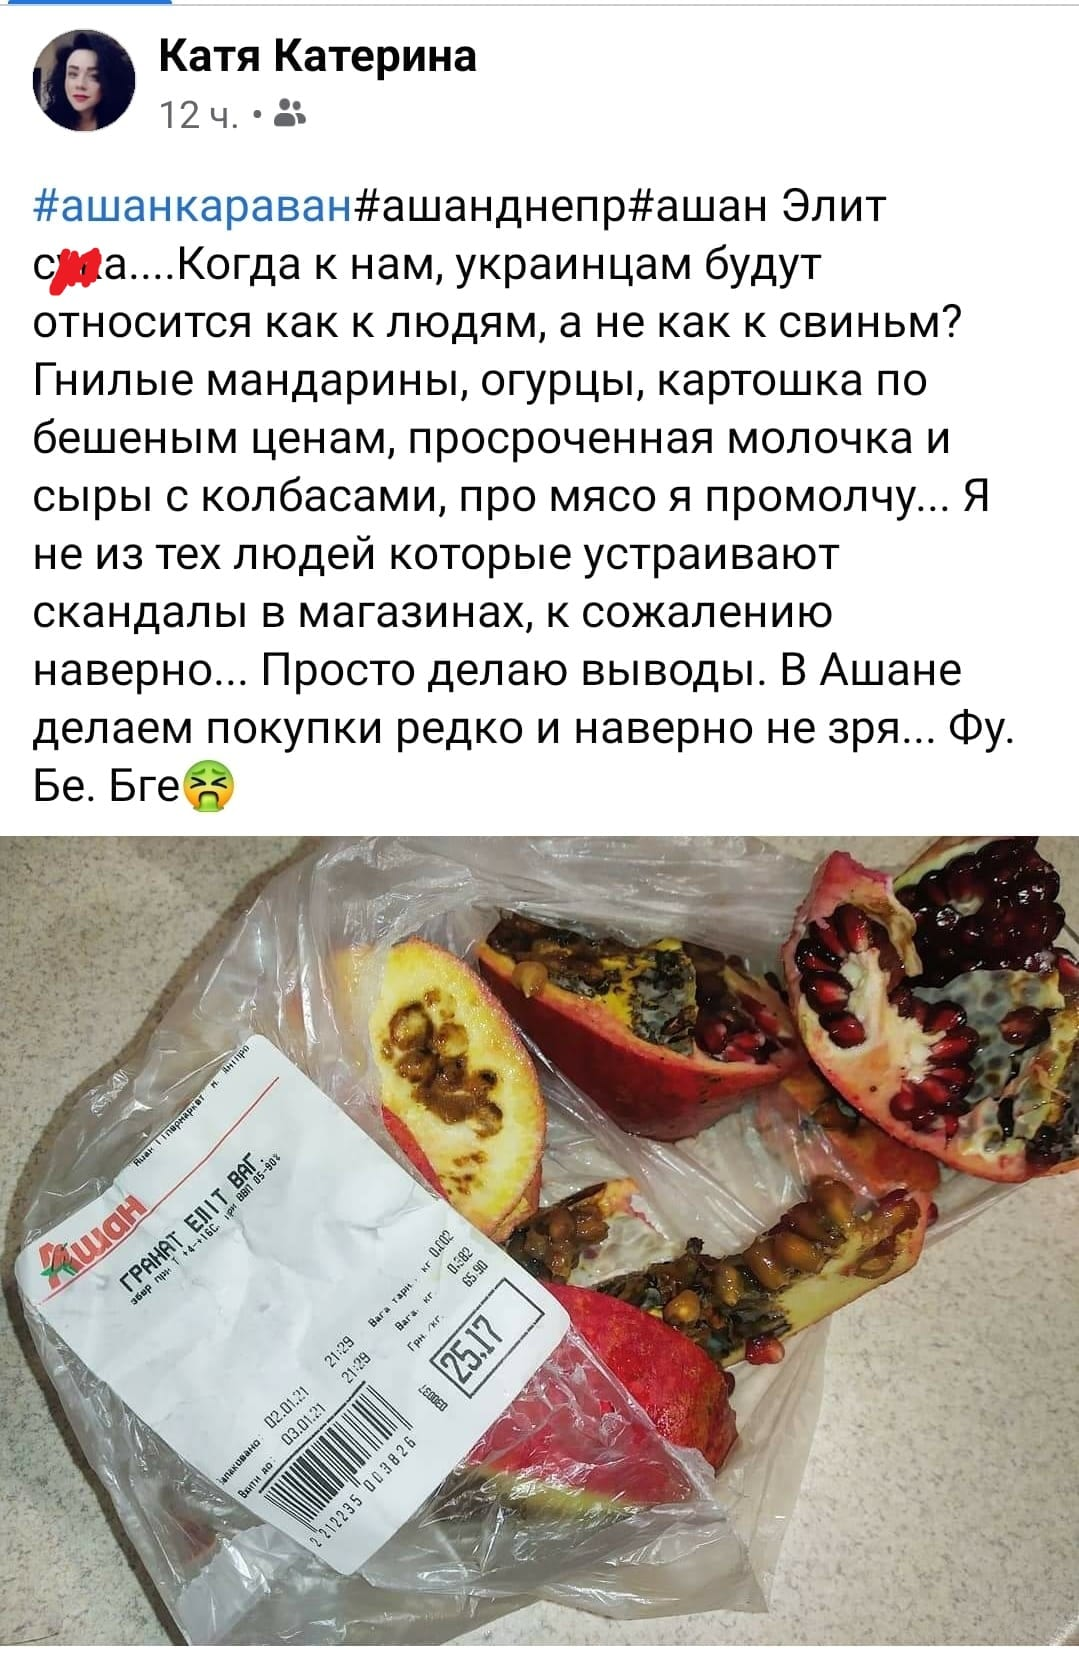 Элитный супермаркет. Новости Днепра